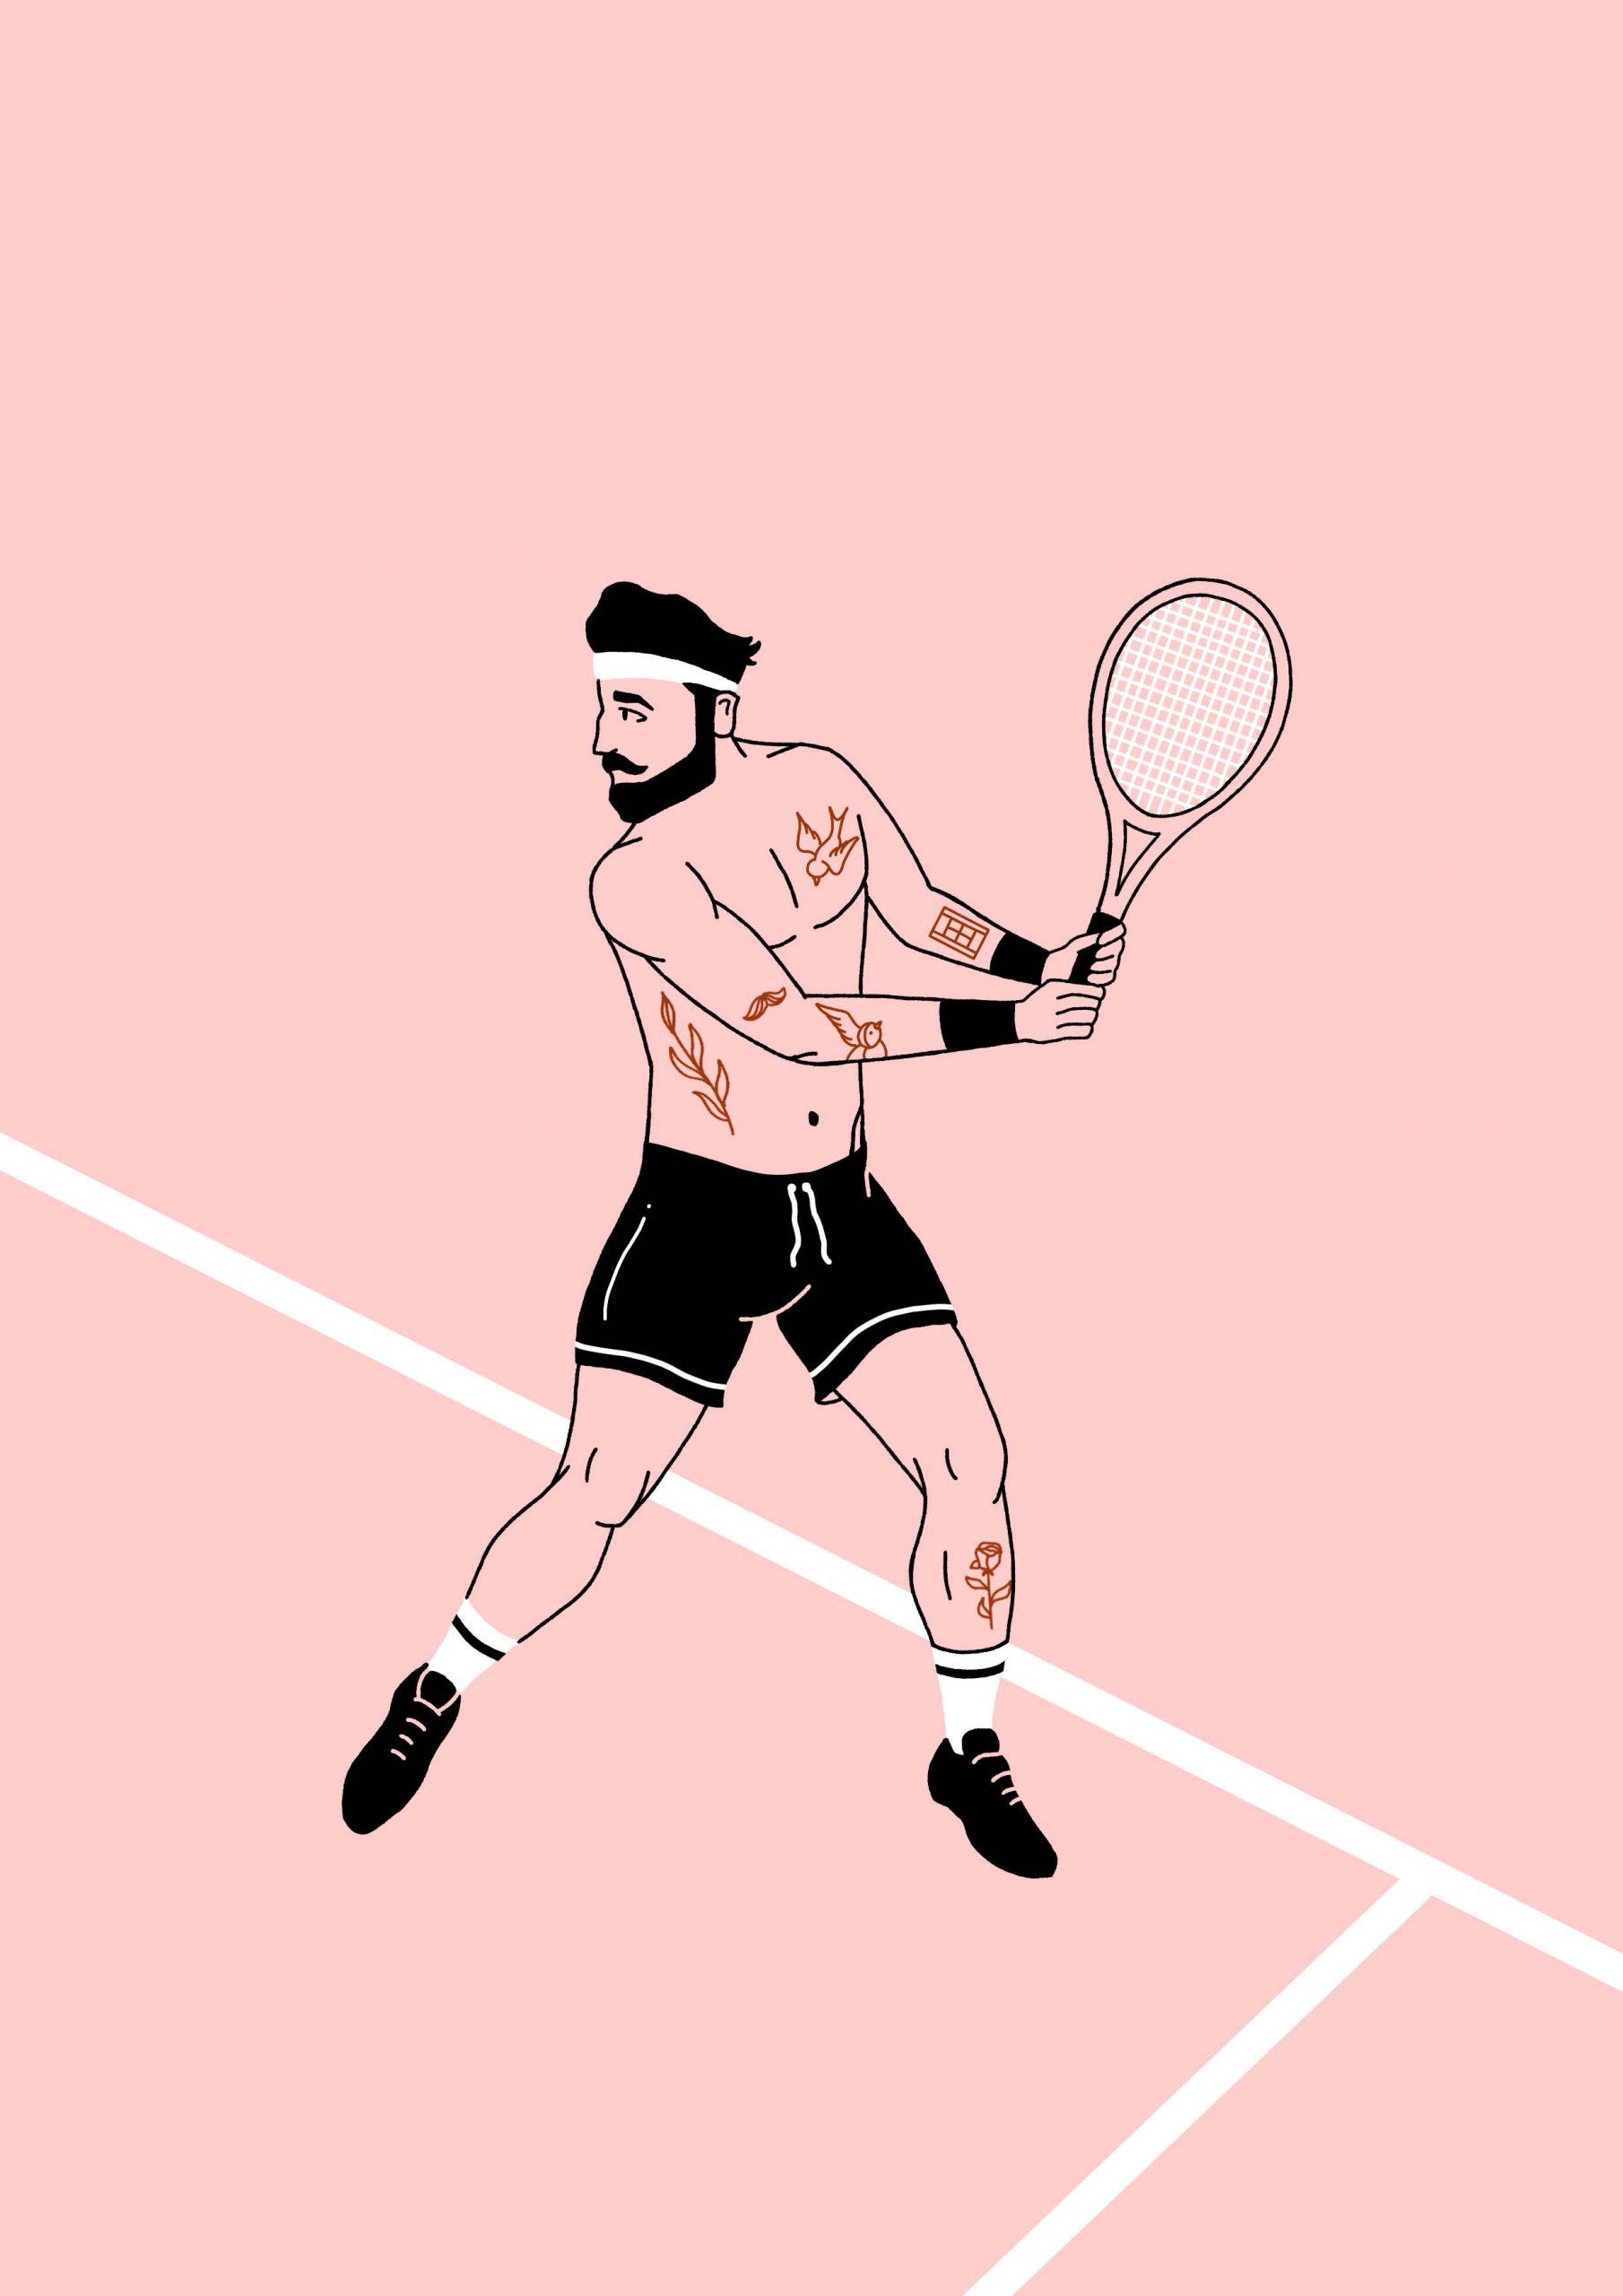 Illustratie van tennisspeler met tattoos